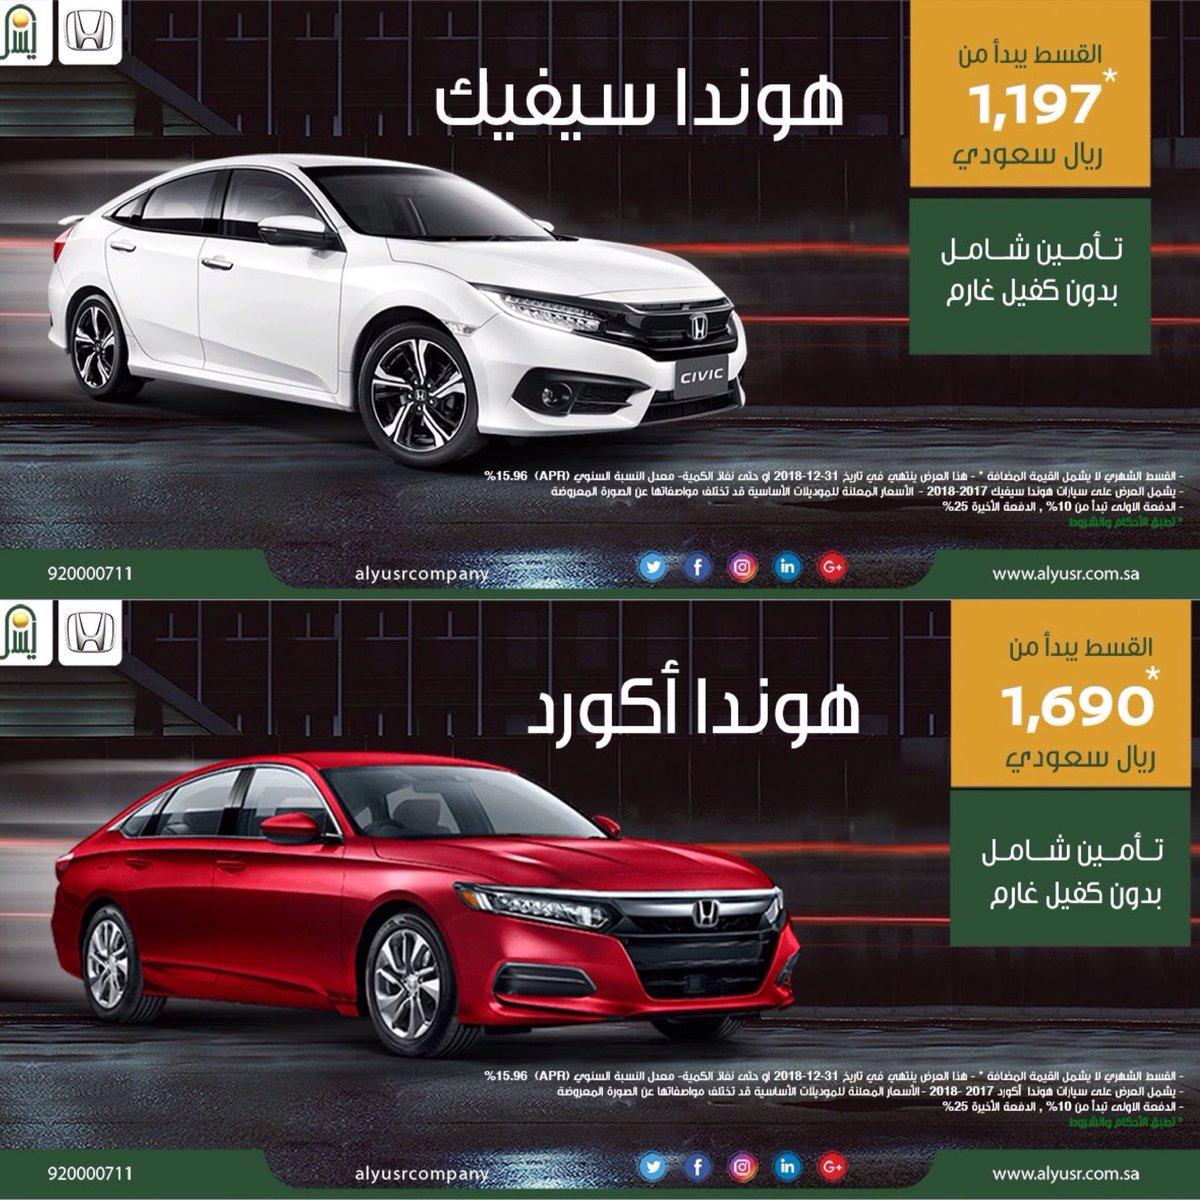 عروض اليسر للسيارات لتمويل هوندا سيفيك وأكورد 2018 في رمضان المربع نت